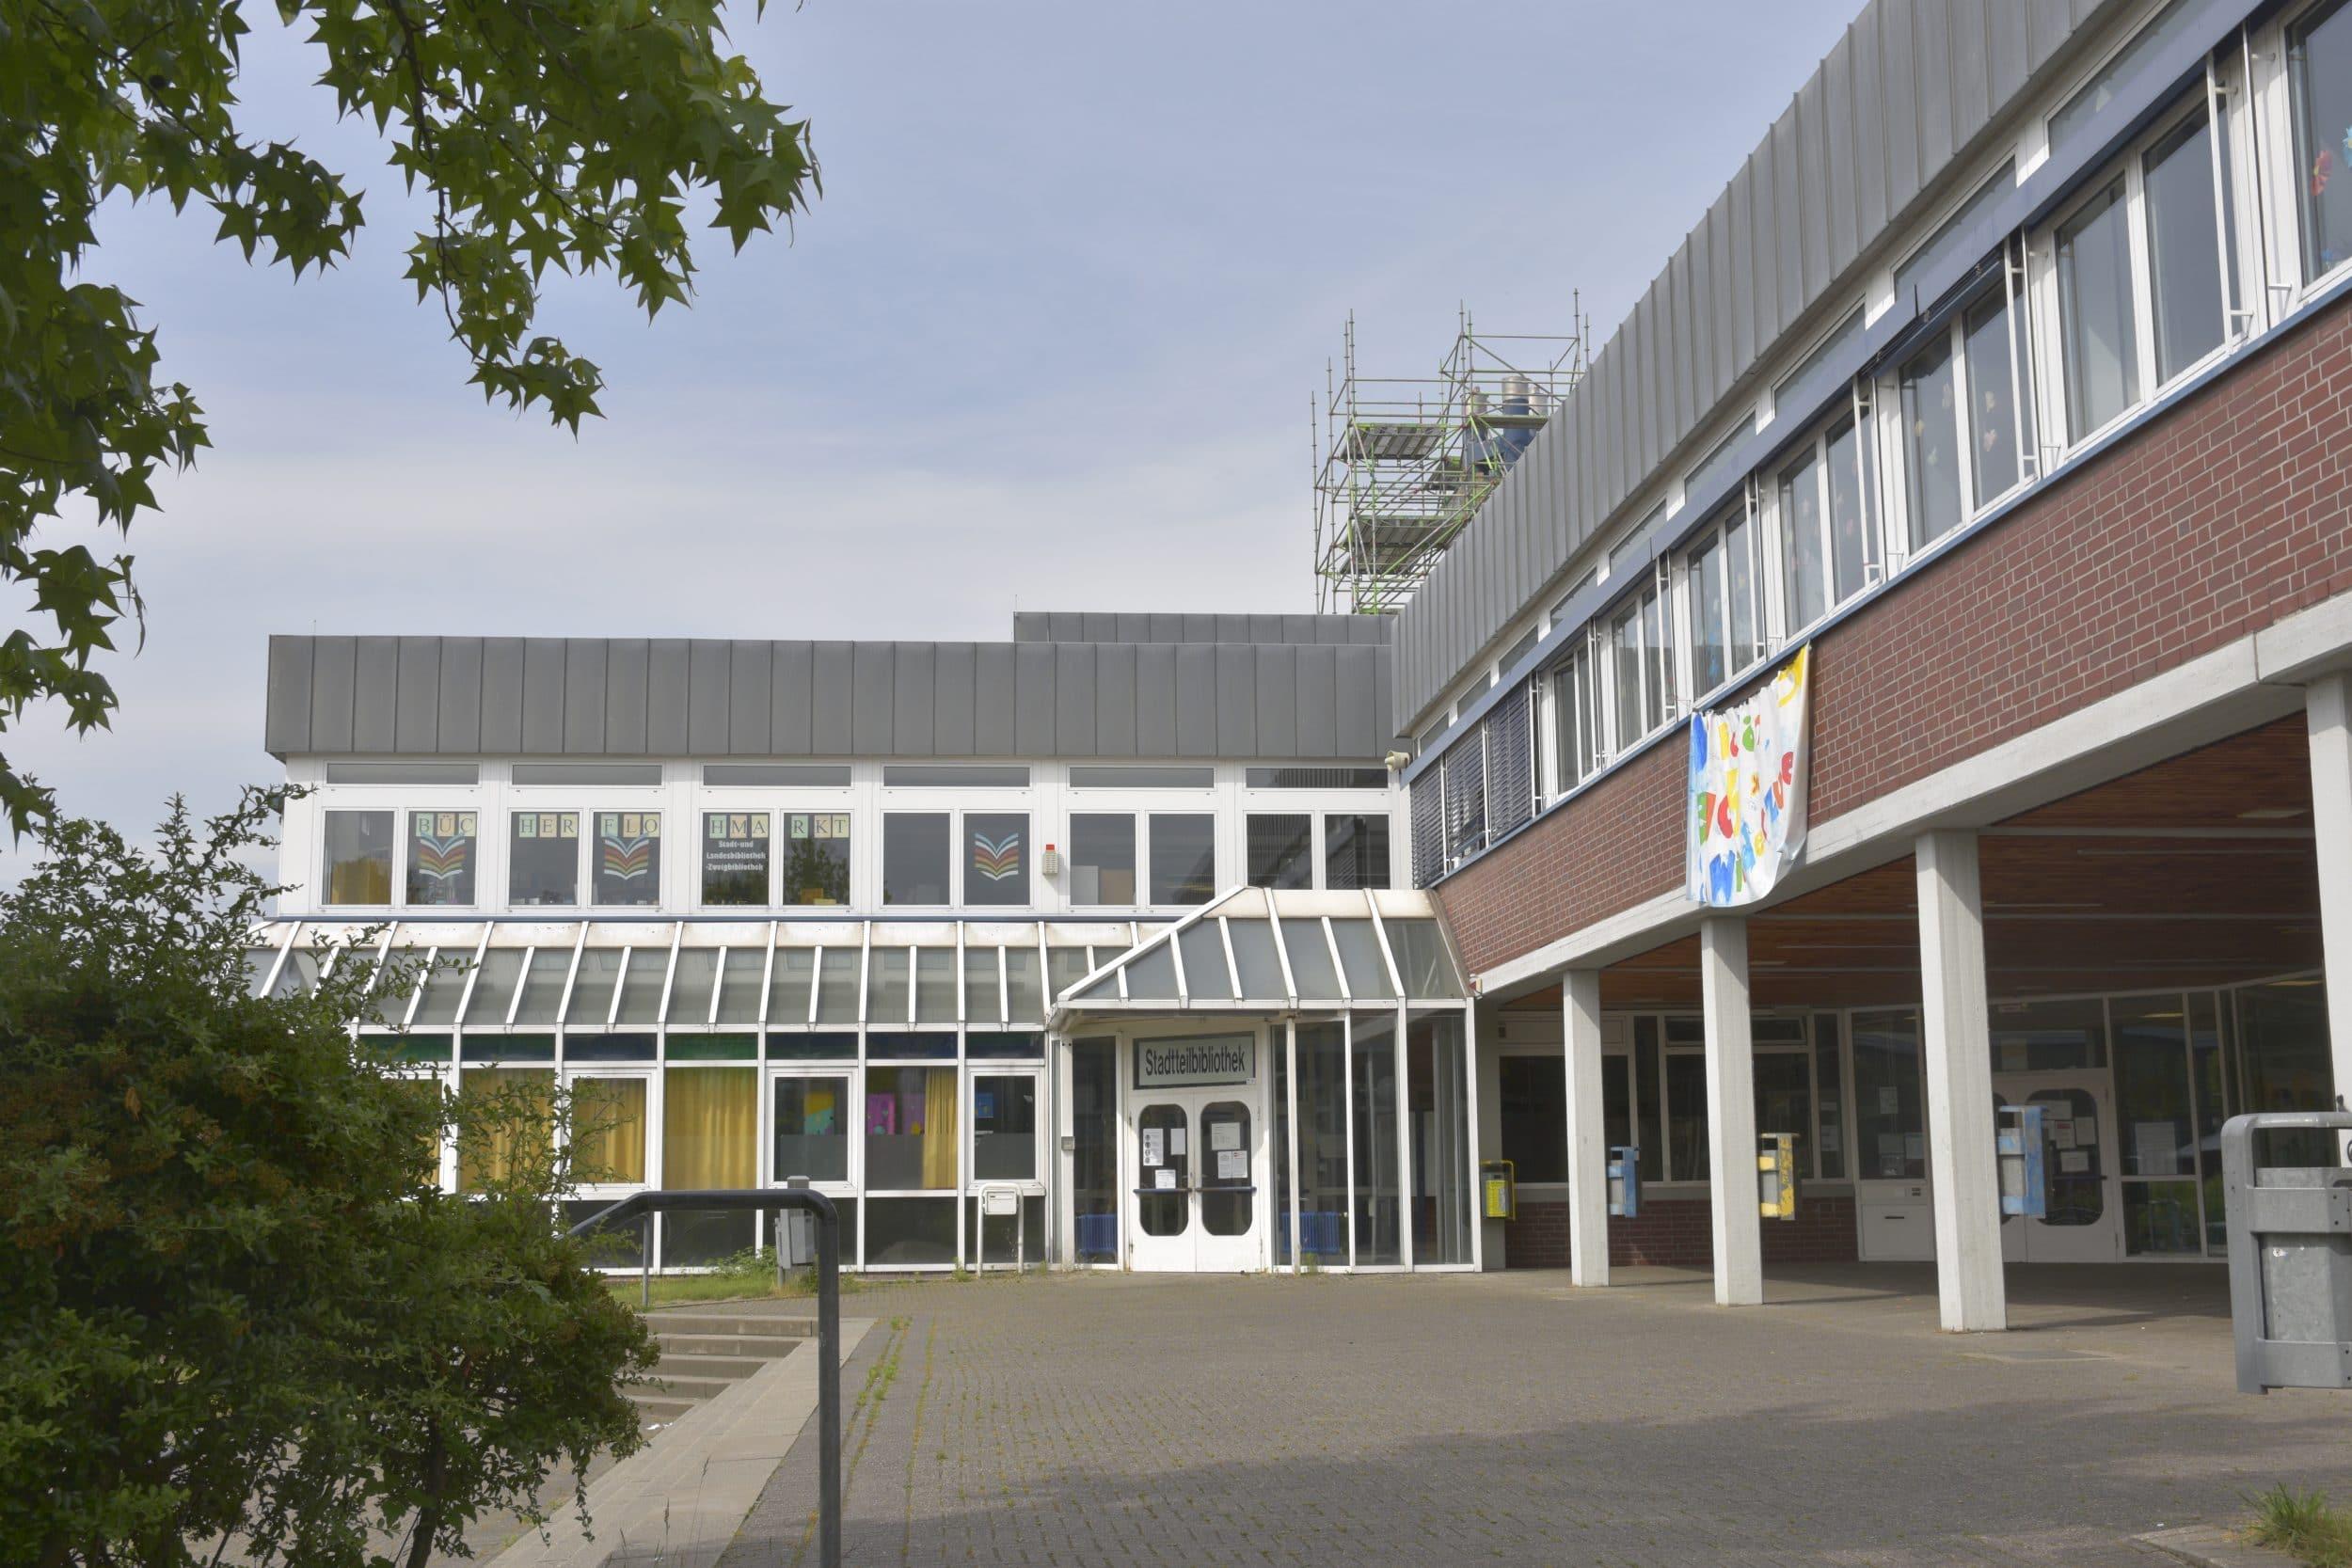 Die Huckarder  Stadtteilbibliothek befindet sich in der Gustav-Heinemann-Gesamtschule. (Archivfoto: Wir in Dortmund)